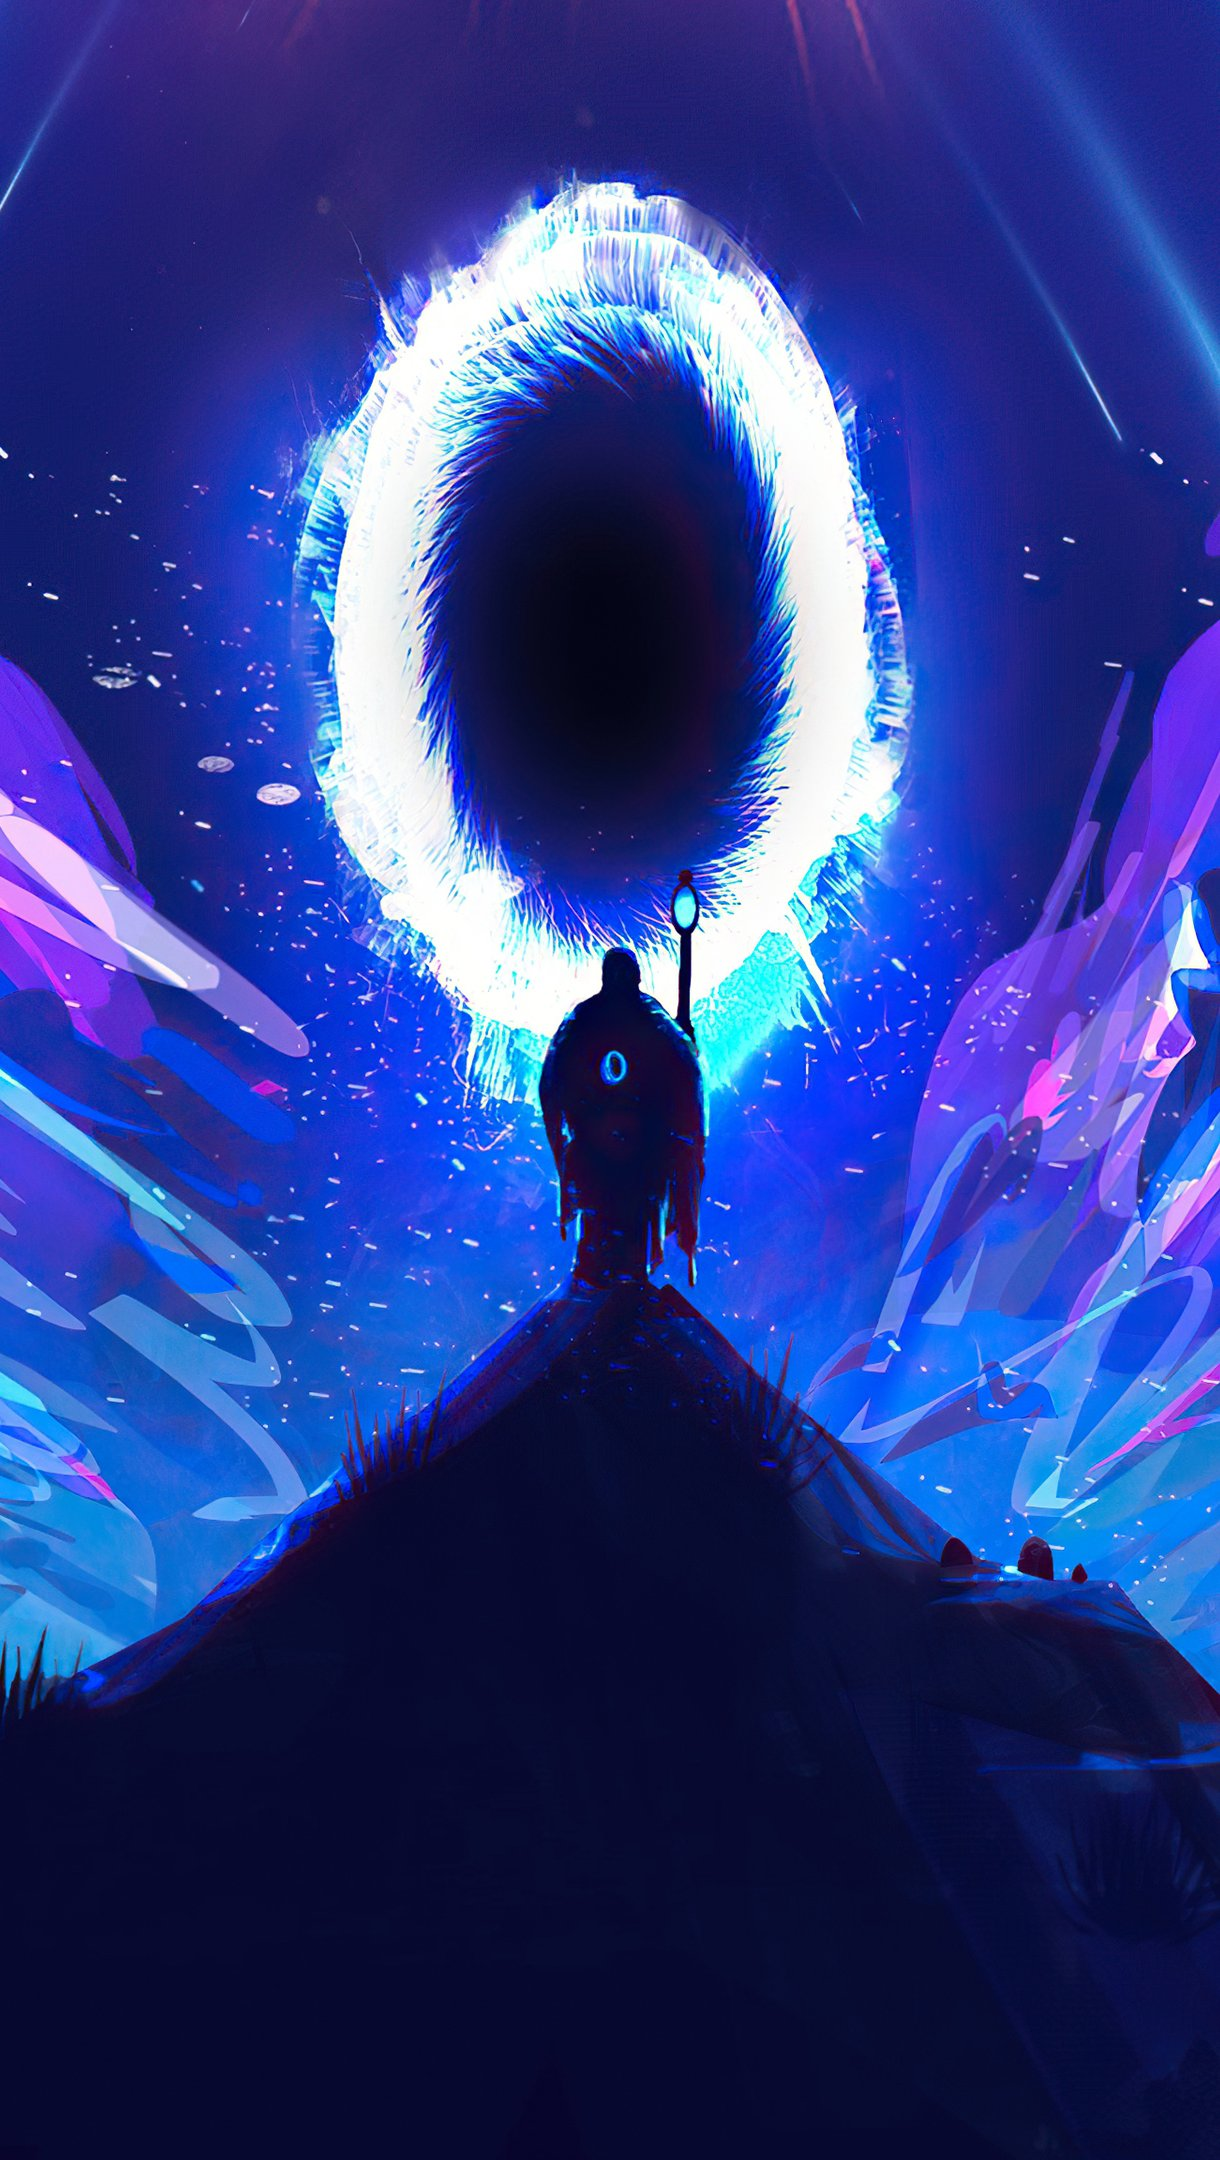 Fondos de pantalla Hombre caminando hacia un portal Ilustración Vertical